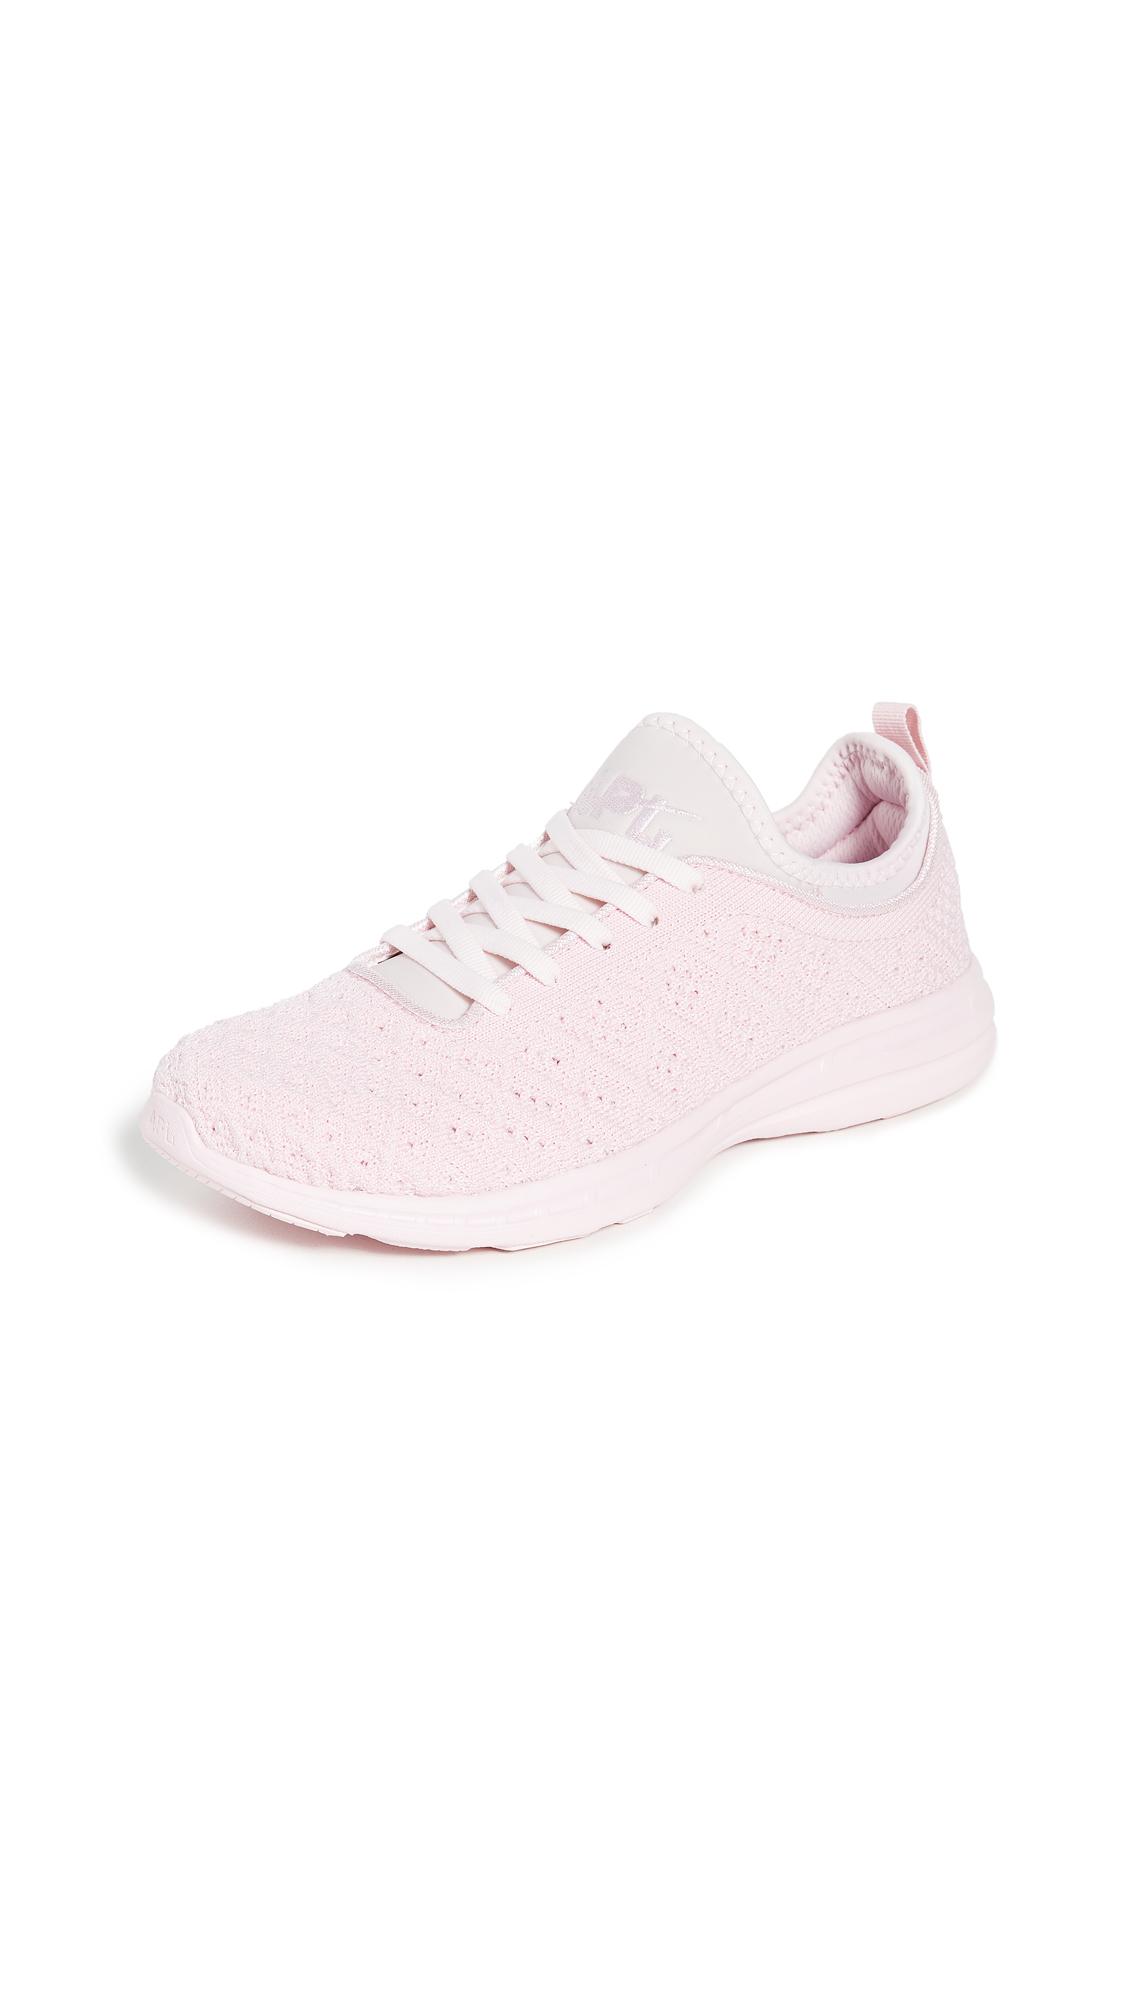 Apl Athletic Propulsion Labs Sneakers TECHLOOM PHANTOM SNEAKERS